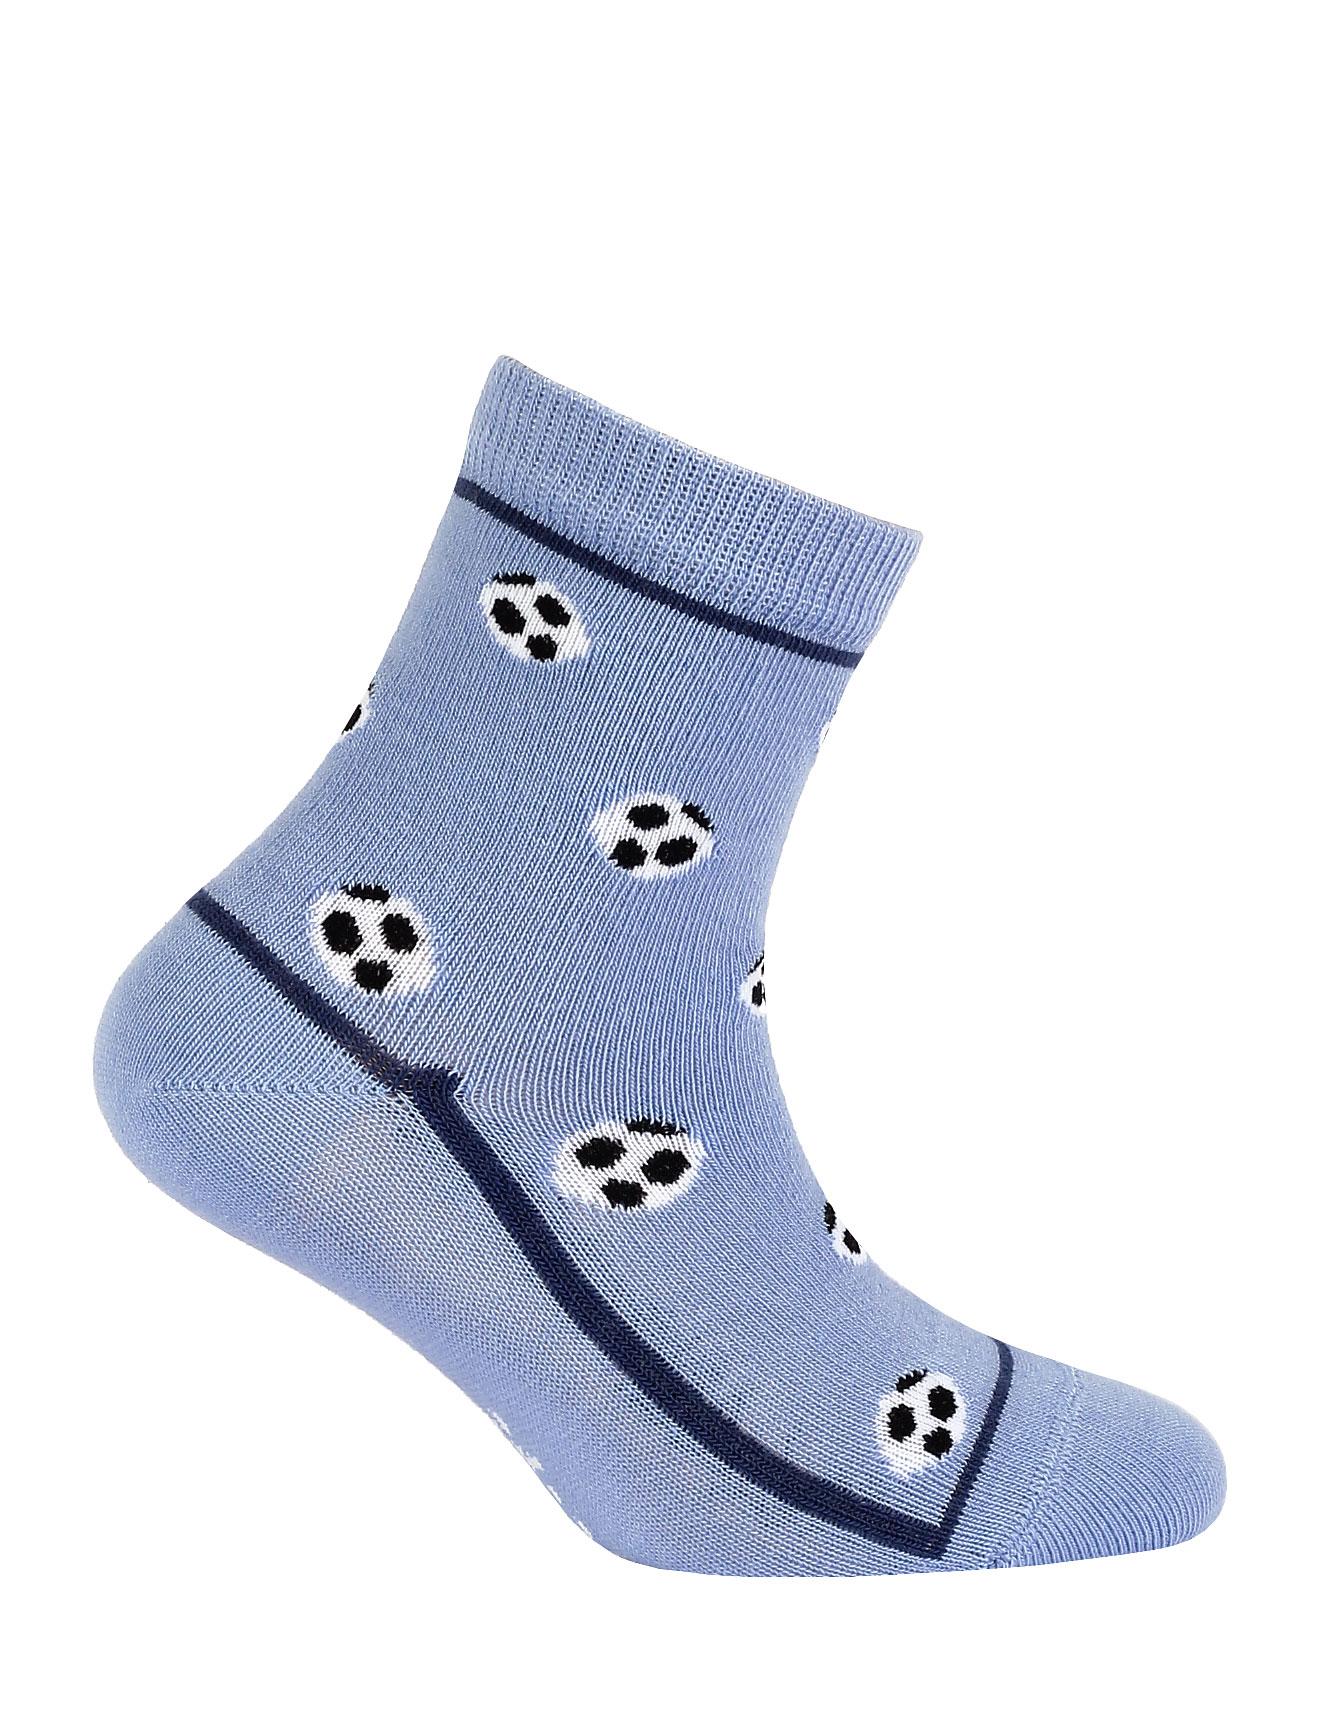 Chlapecké ponožky s obrázkem WOLA MÍČE modré Velikost: 24-26